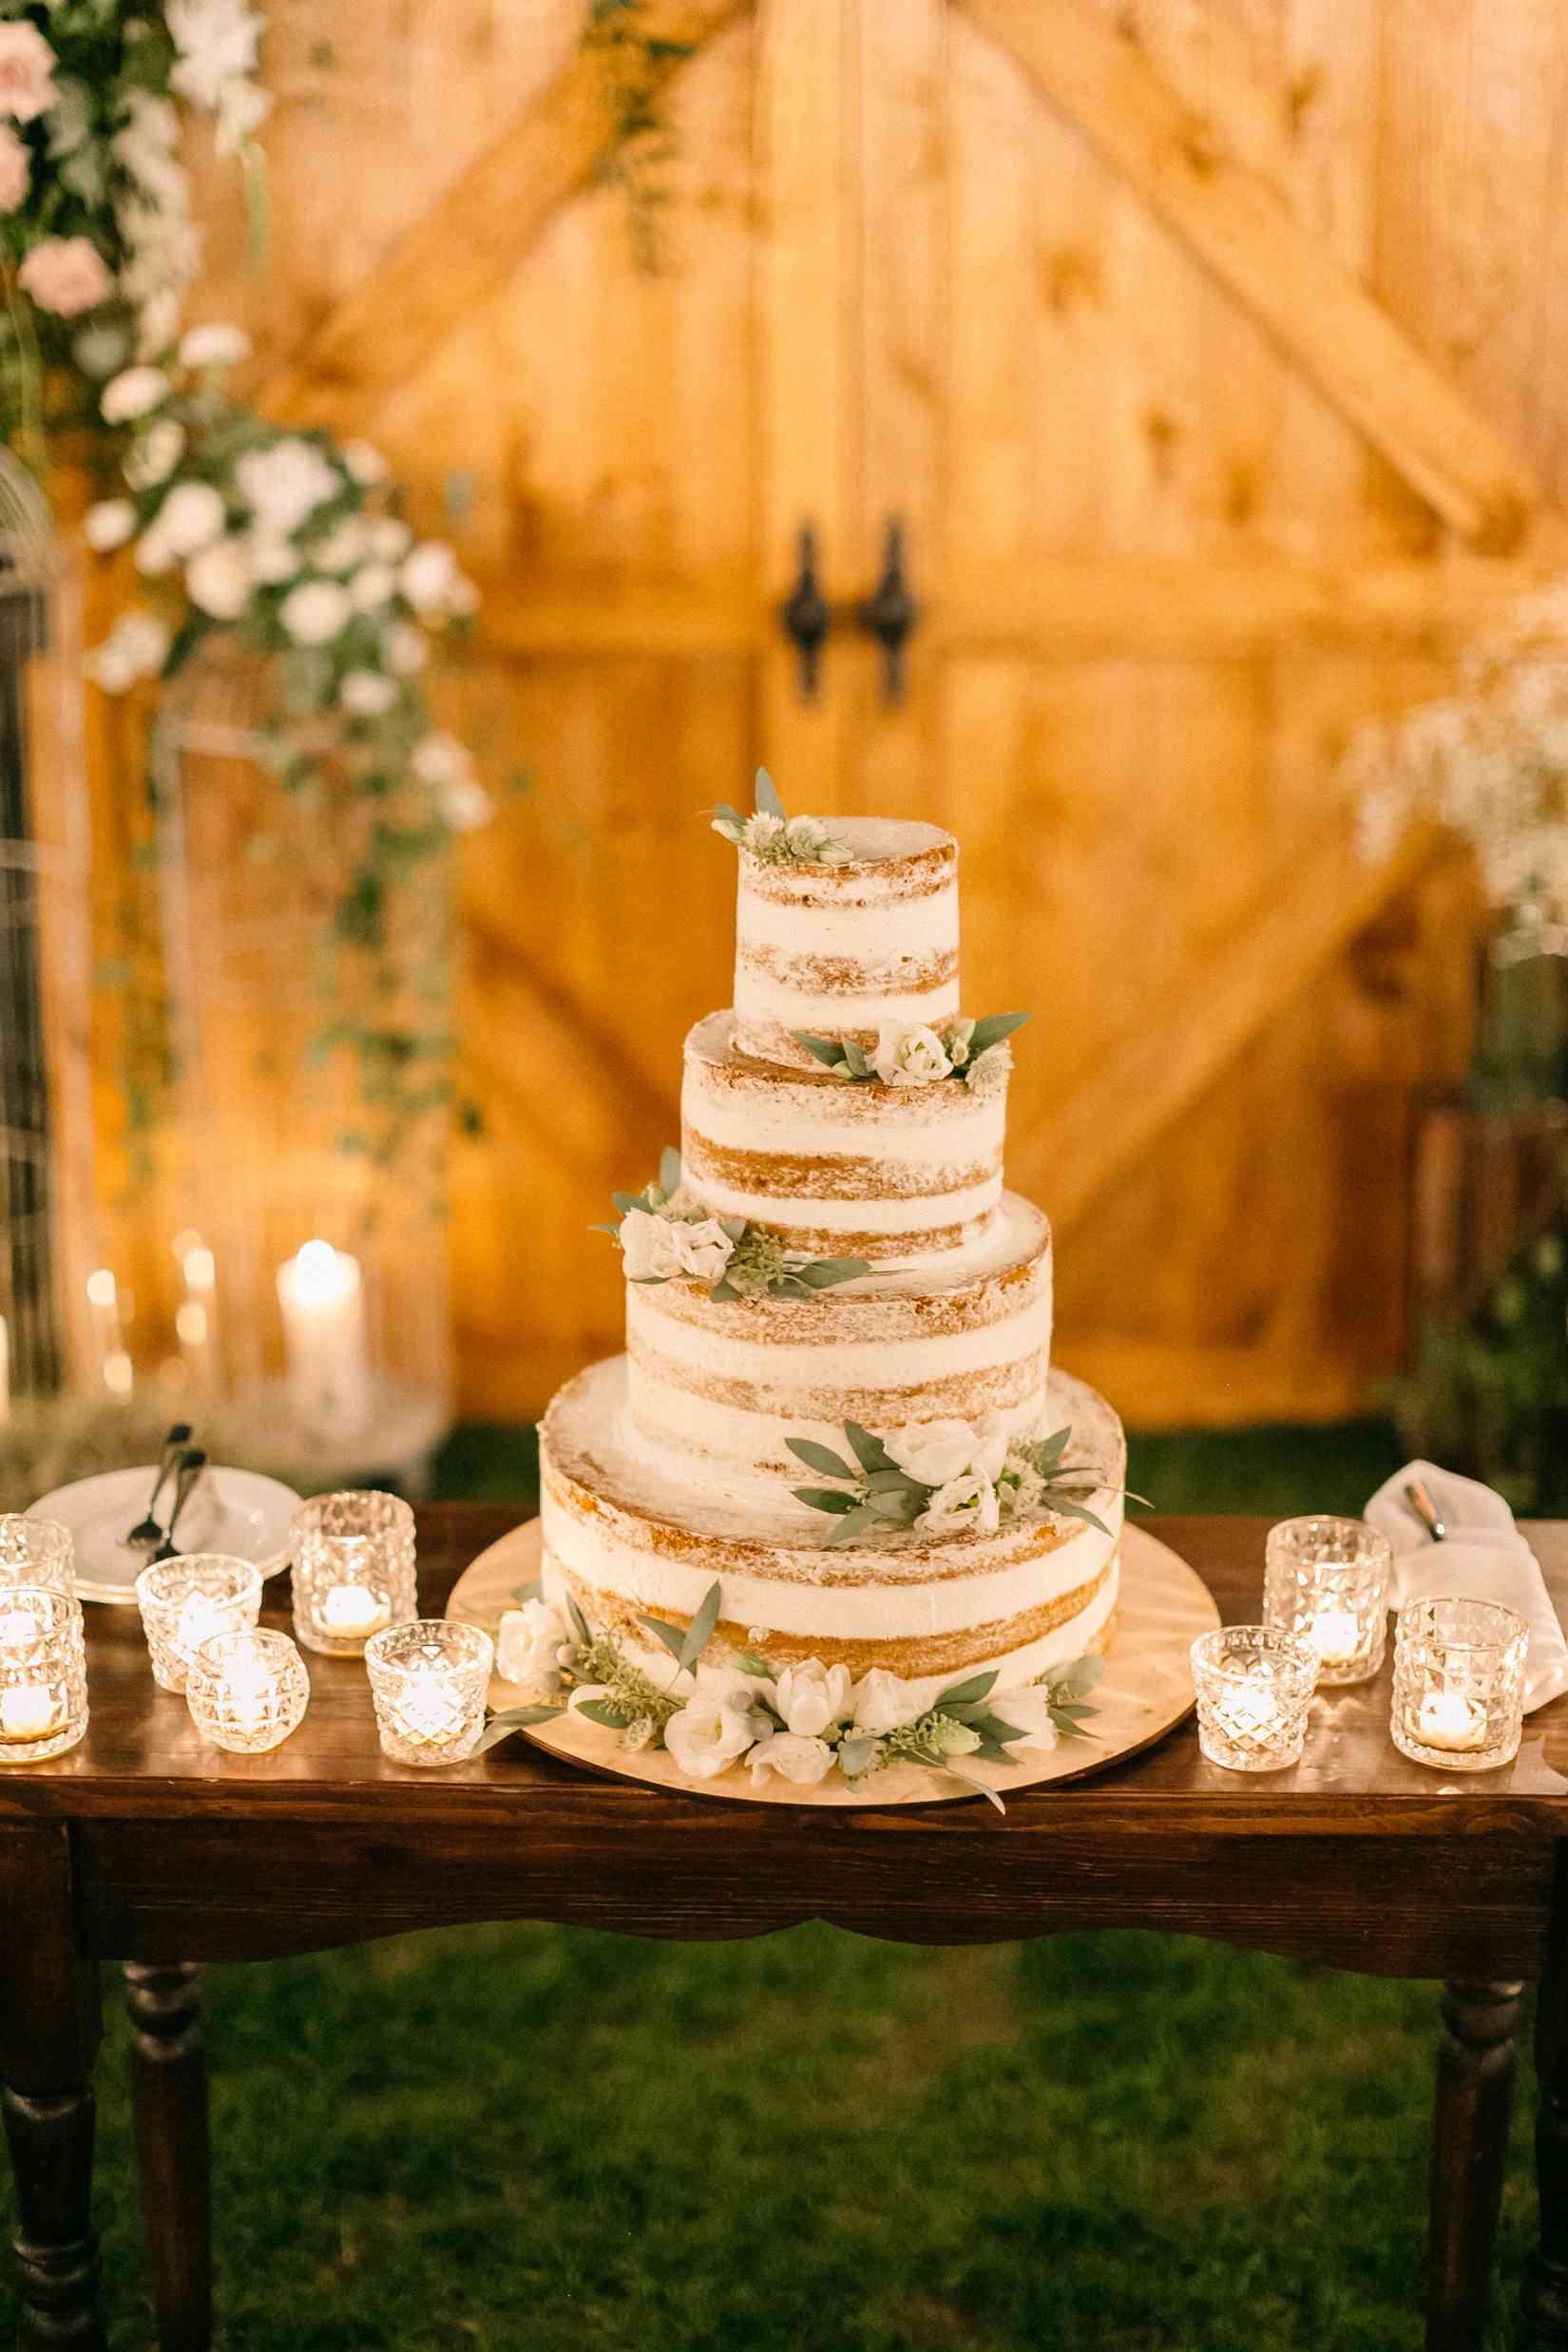 четырех ярусный торт голый свадьба